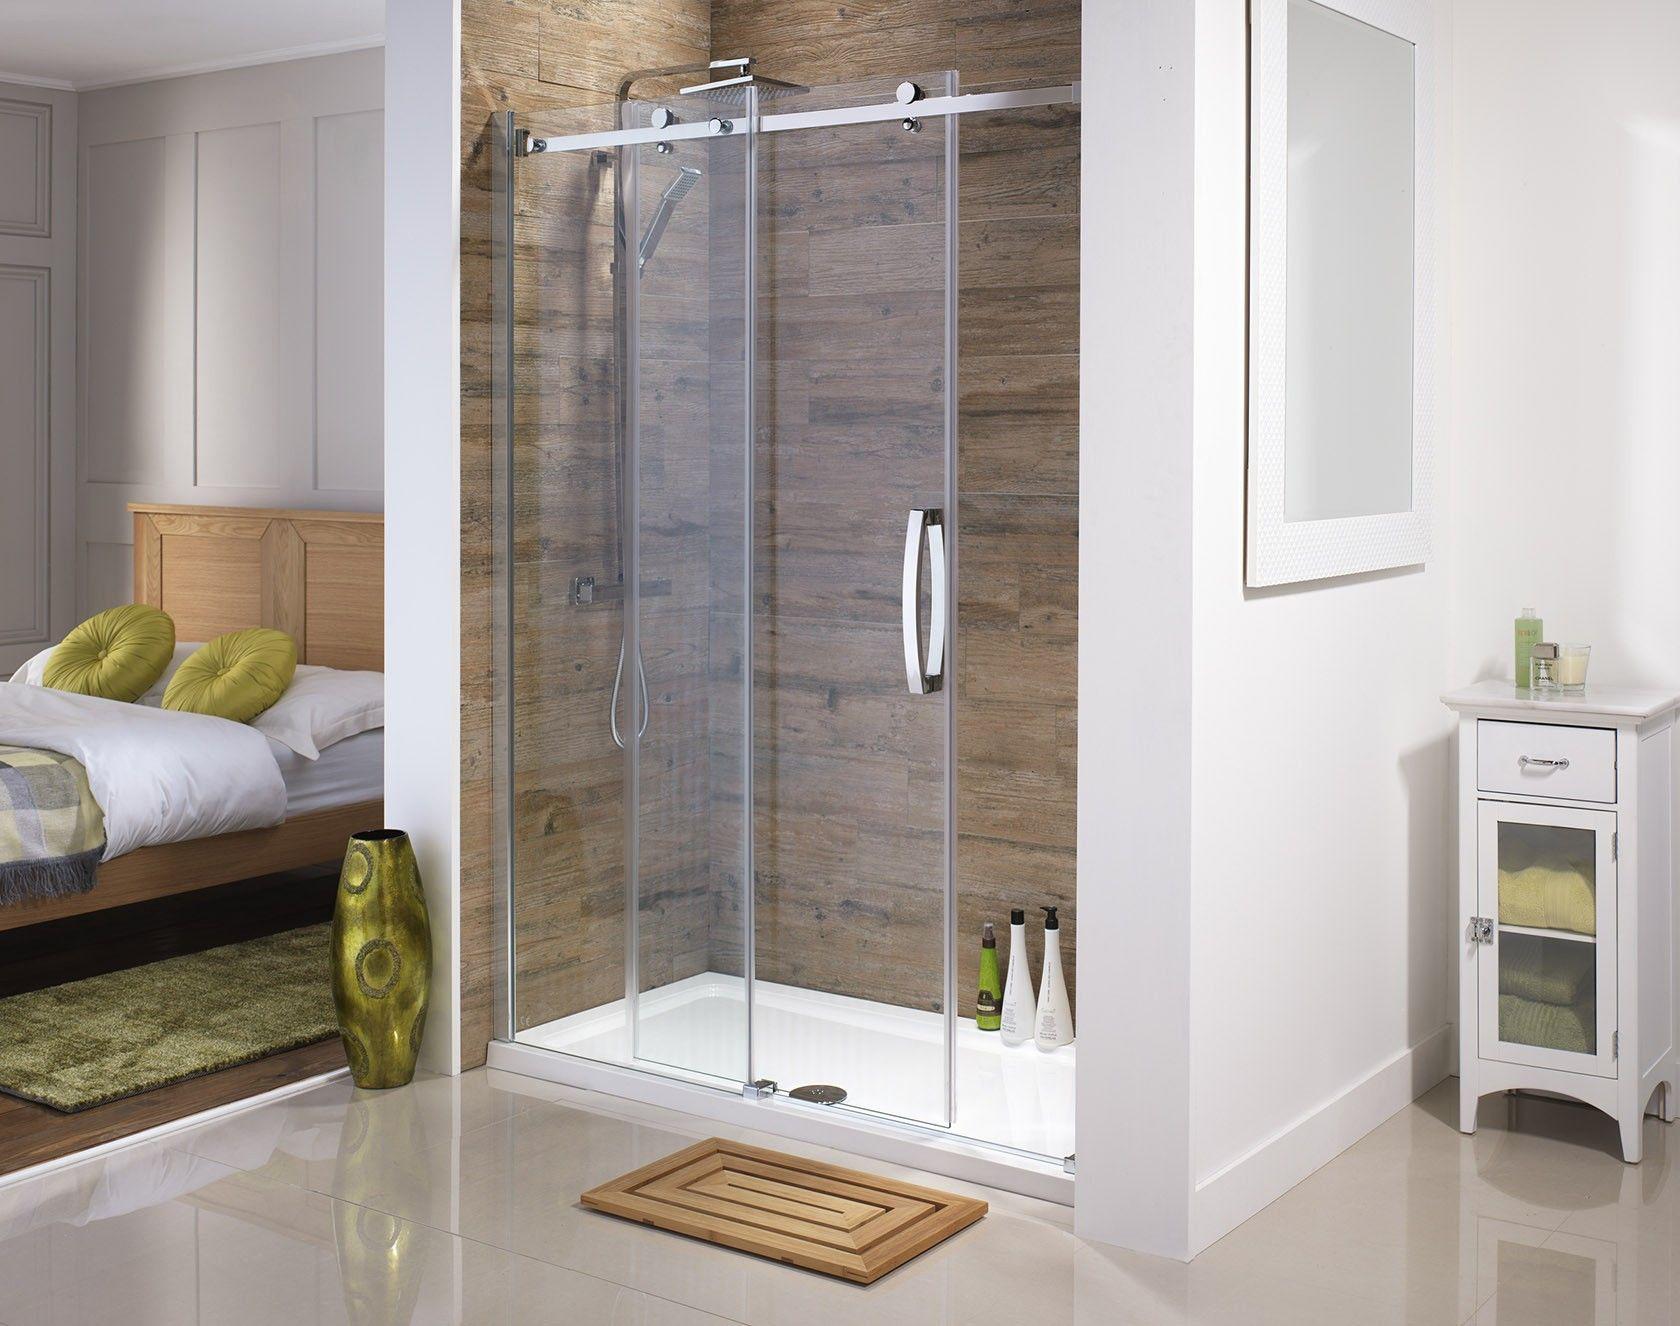 Orca Frameless 1400mm Sliding Shower Door From Serene Bathrooms Shower Doors Sliding Shower Door Minimalist Bathroom